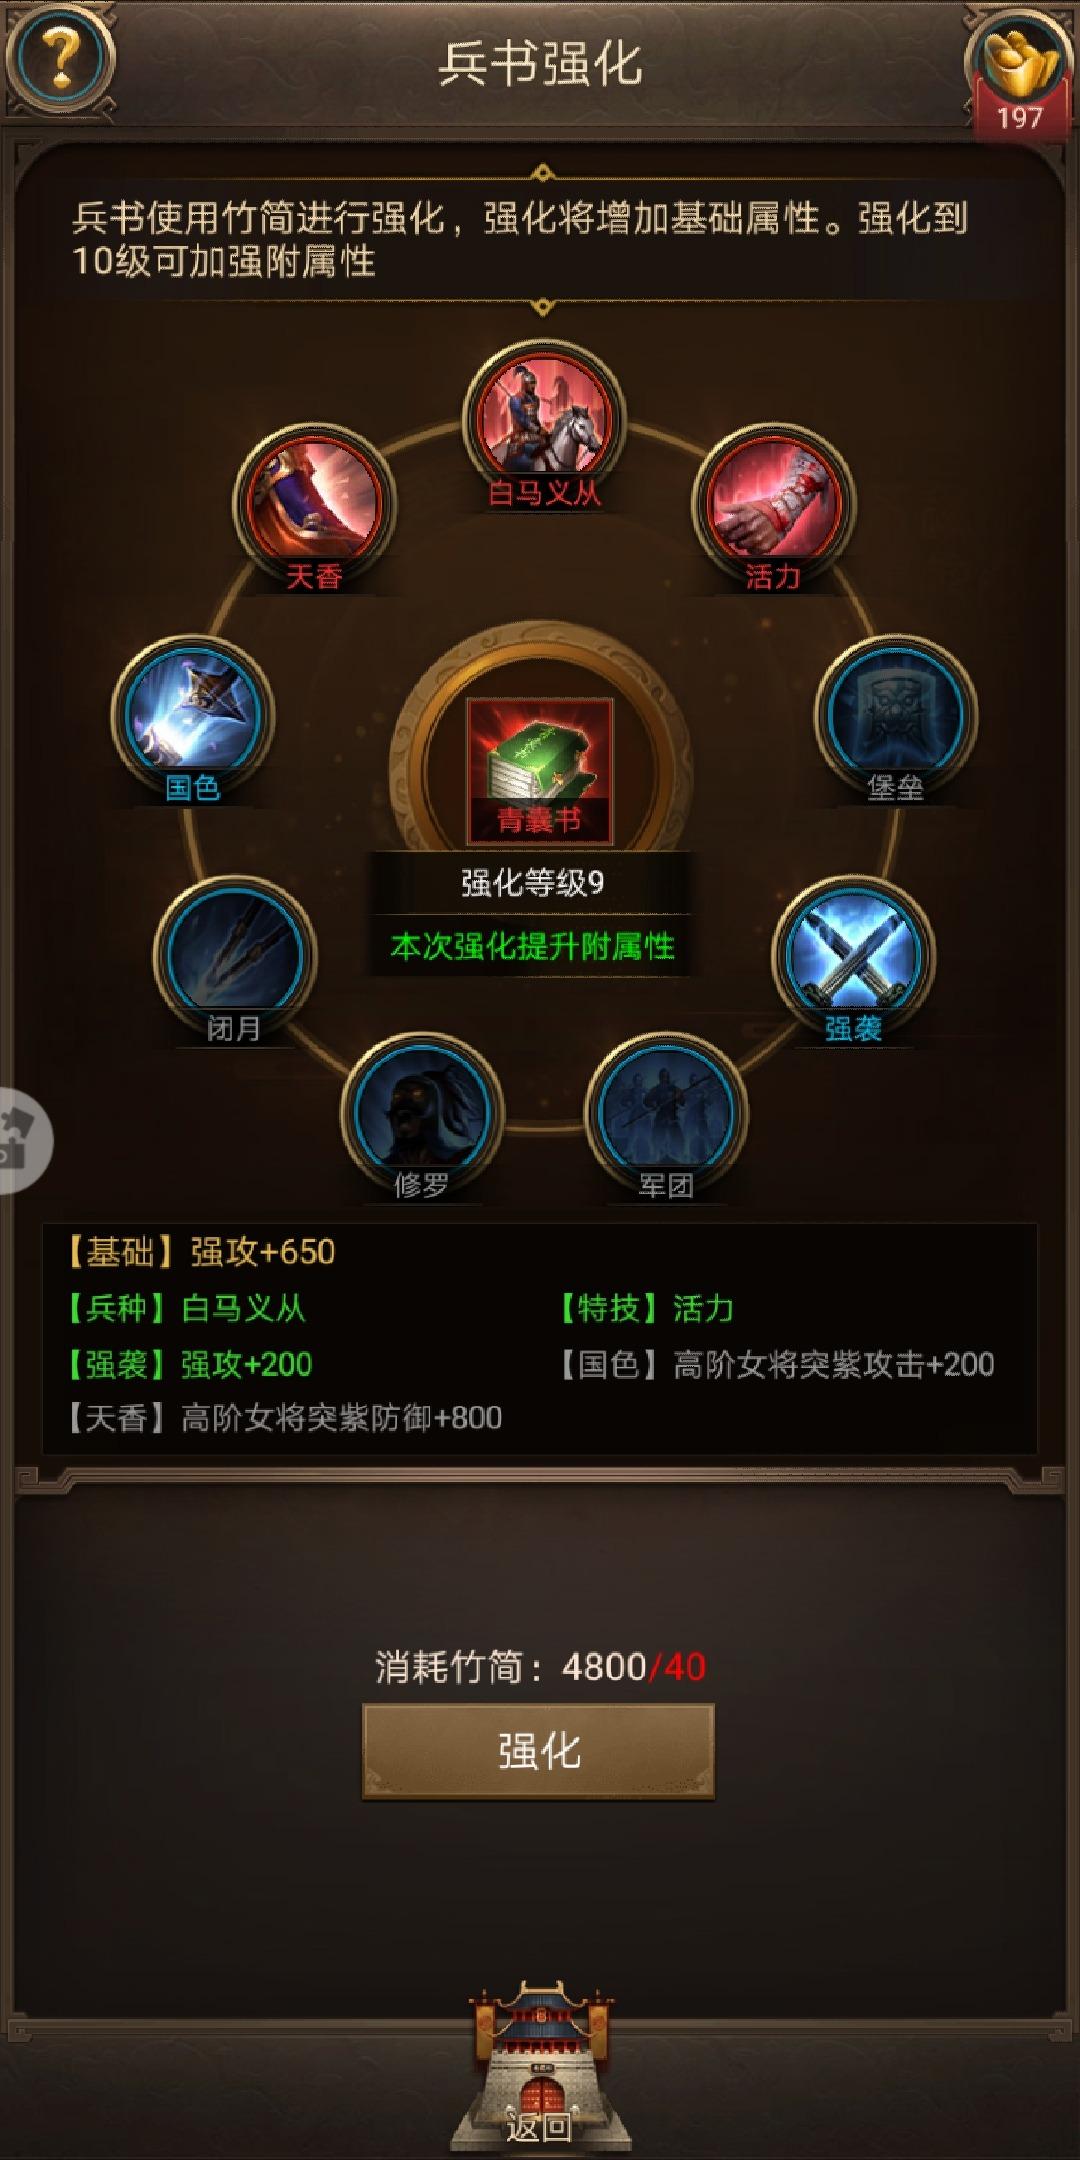 Screenshot_20190913_203910_juedi.tatuyin.rxsg.huawei.jpg